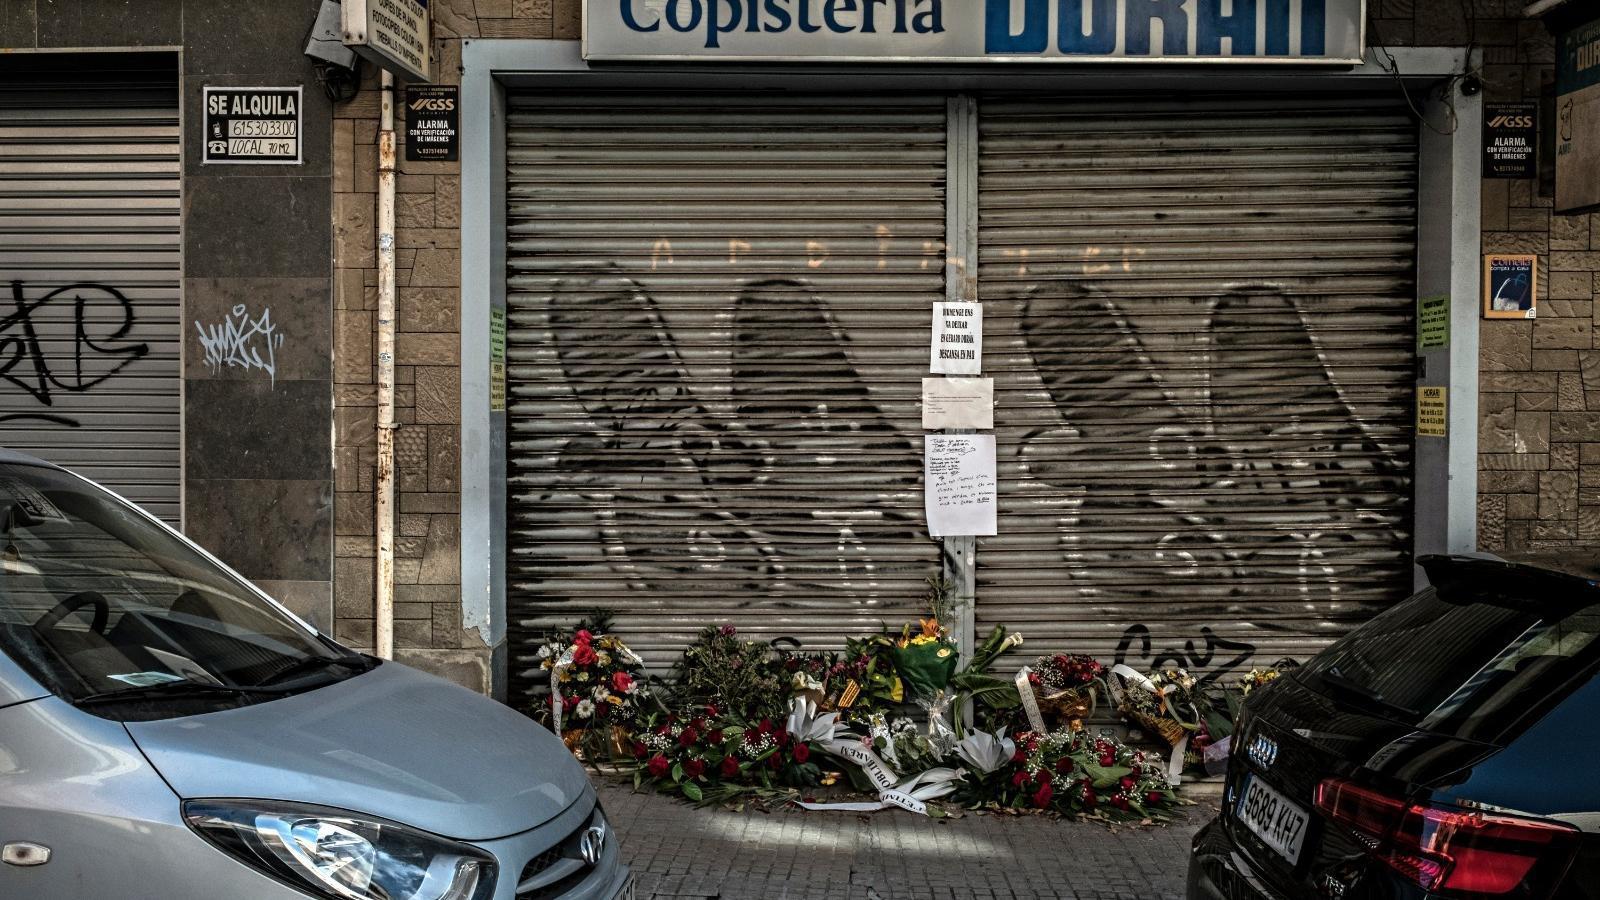 La porta de la copisteria Duran, de Cornellà, plena de flors i missatges de record, del veïns i amics del Gerard, per la seva mort, víctima de la pandèmia de covid-19